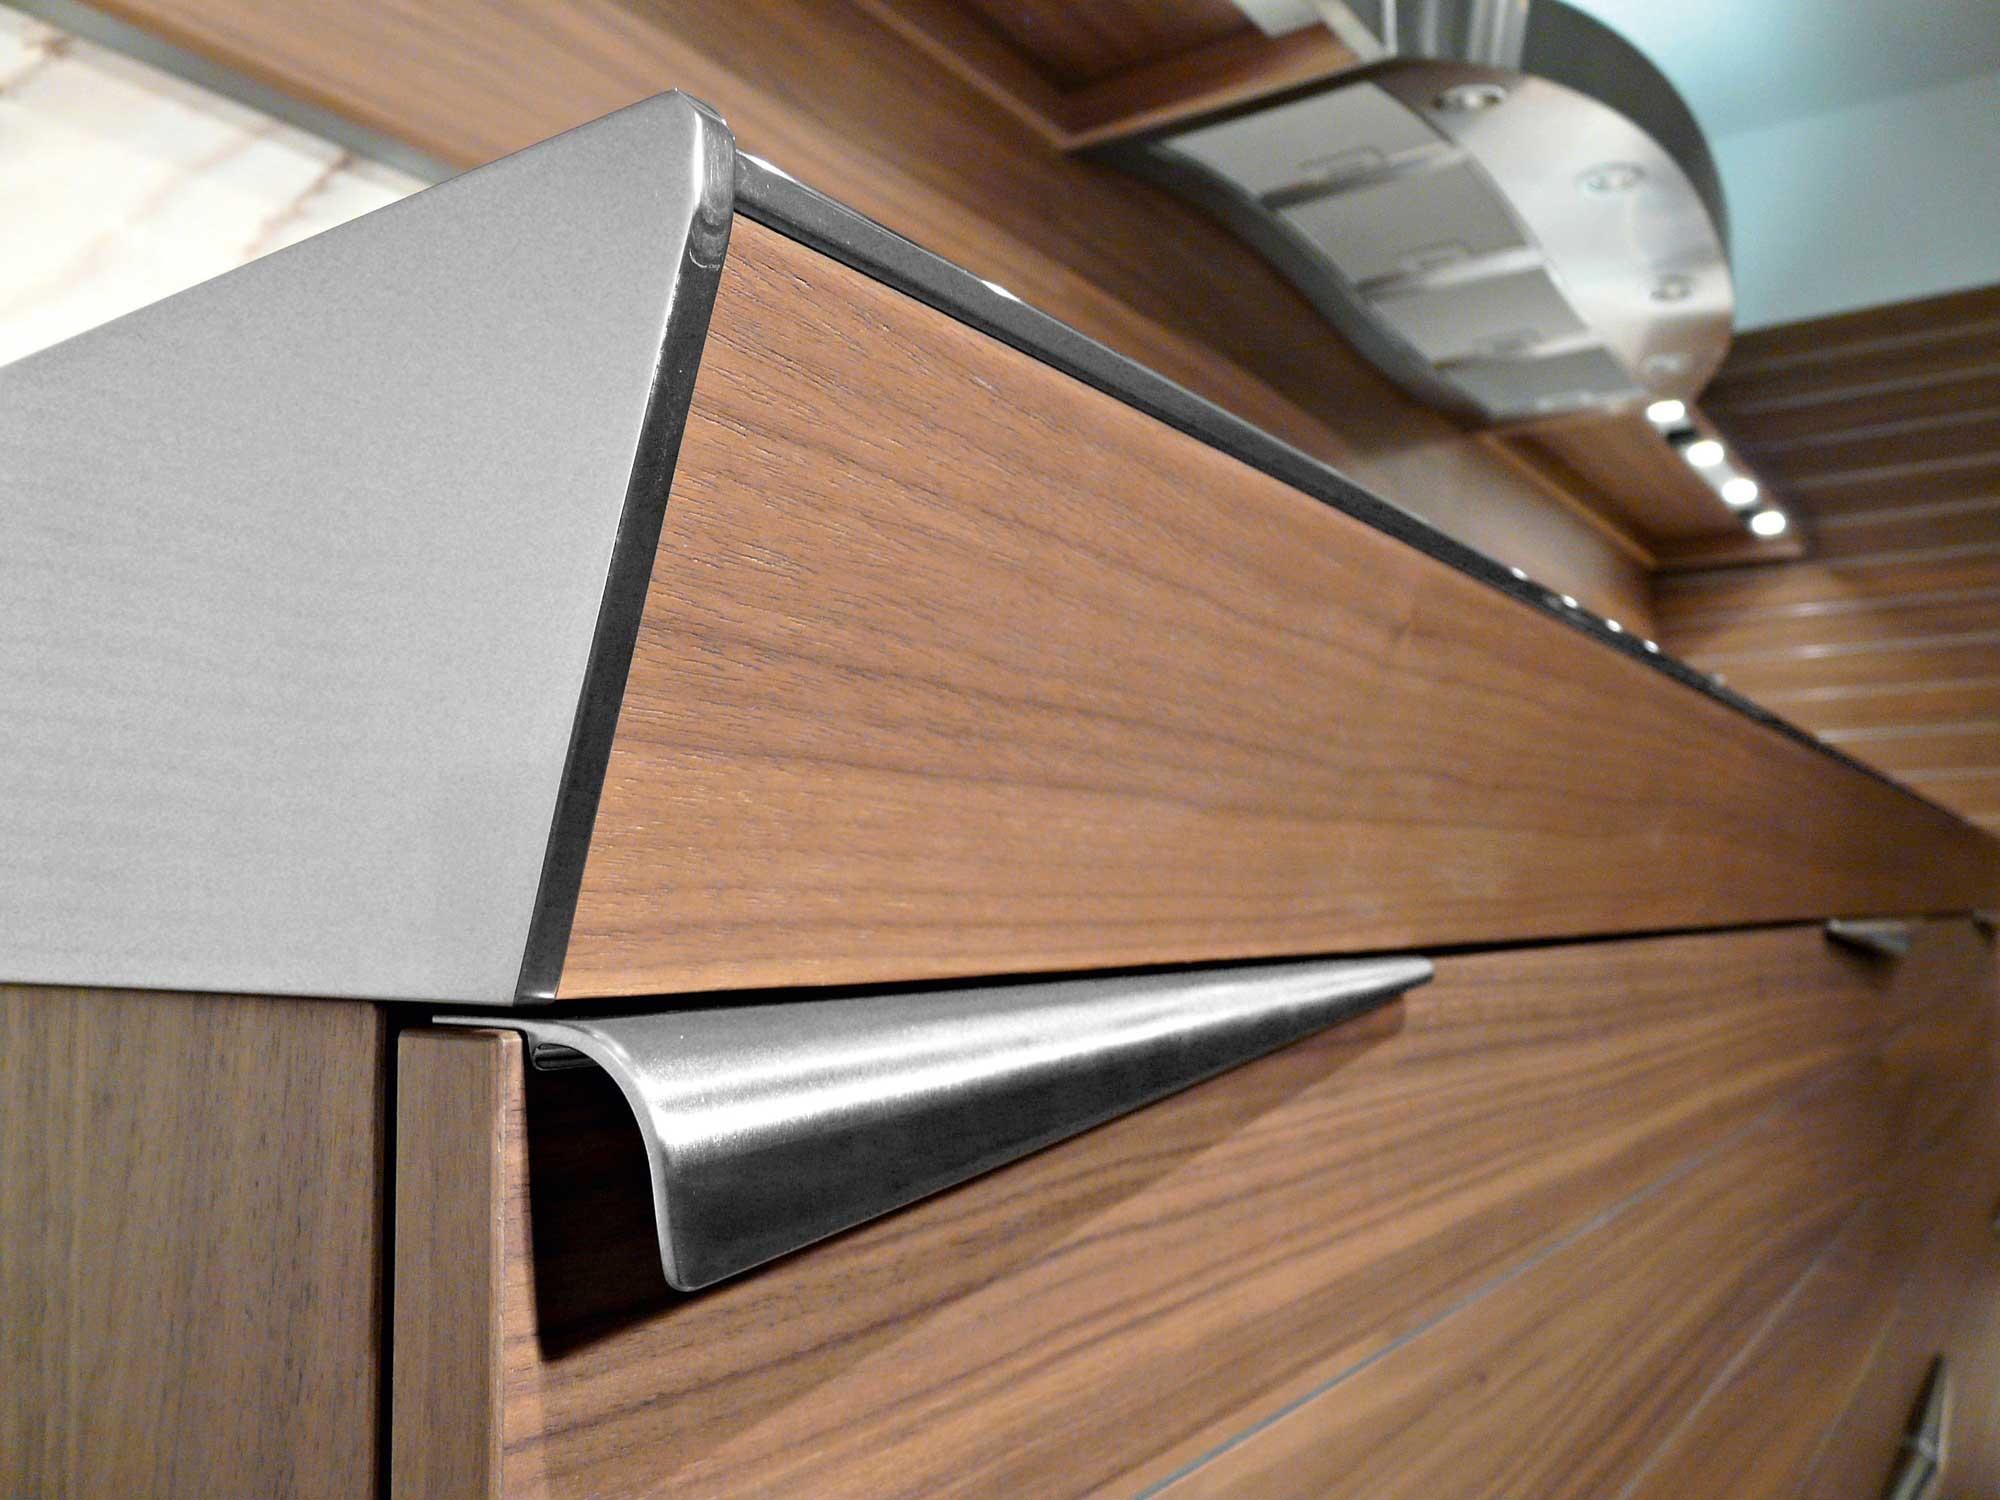 Современный дизайн кухонного гарнитура: ручки из нержавеющей стали